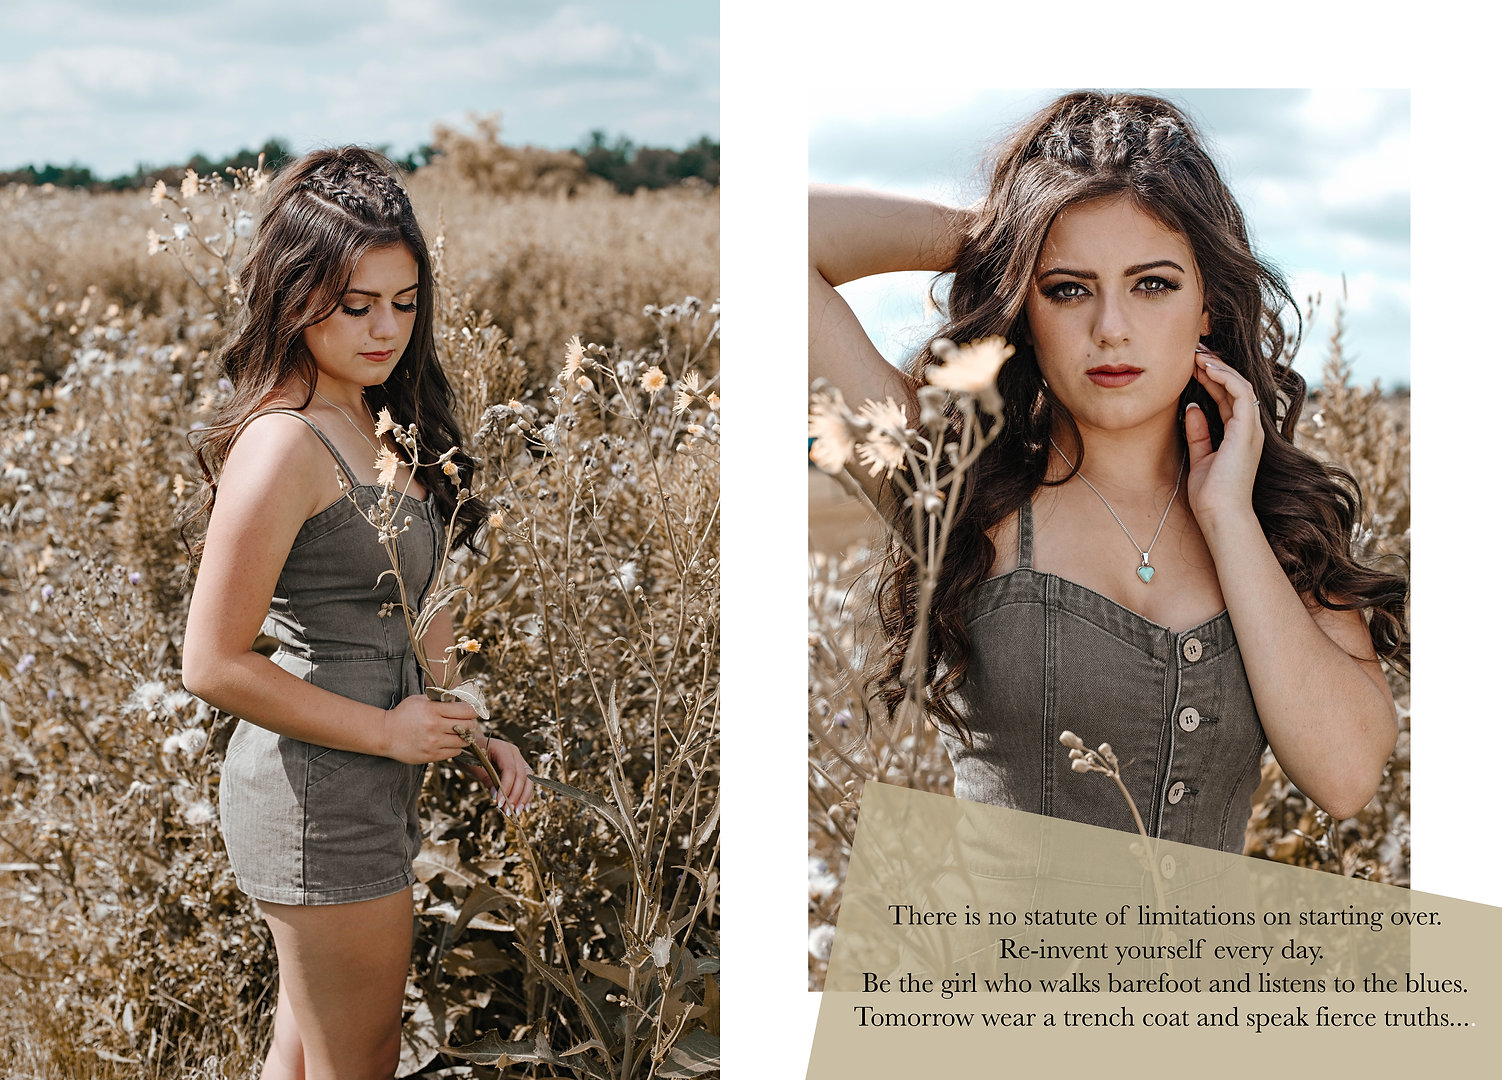 Olivia-web1.jpg